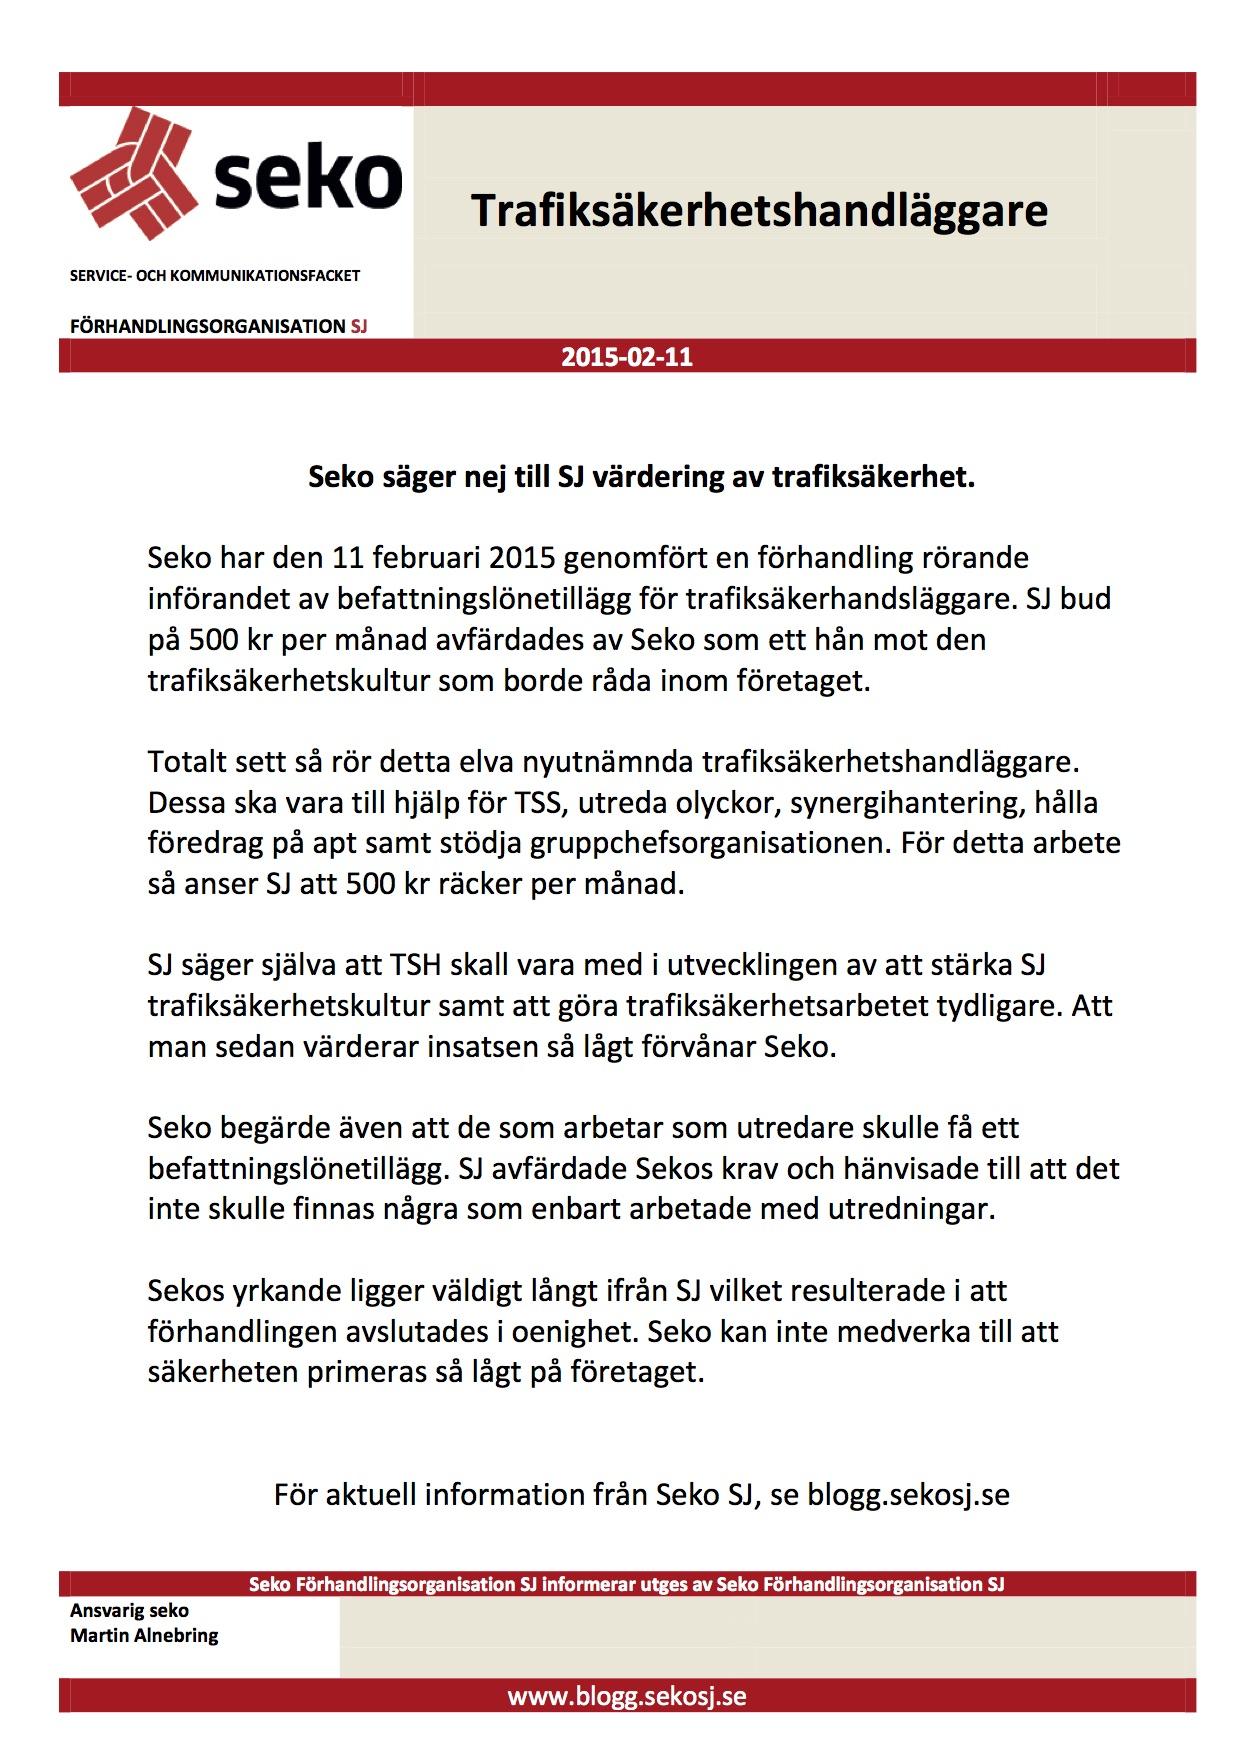 Seko SJ info Befattningslönetillägg Trafiksäkerhetshandläggare